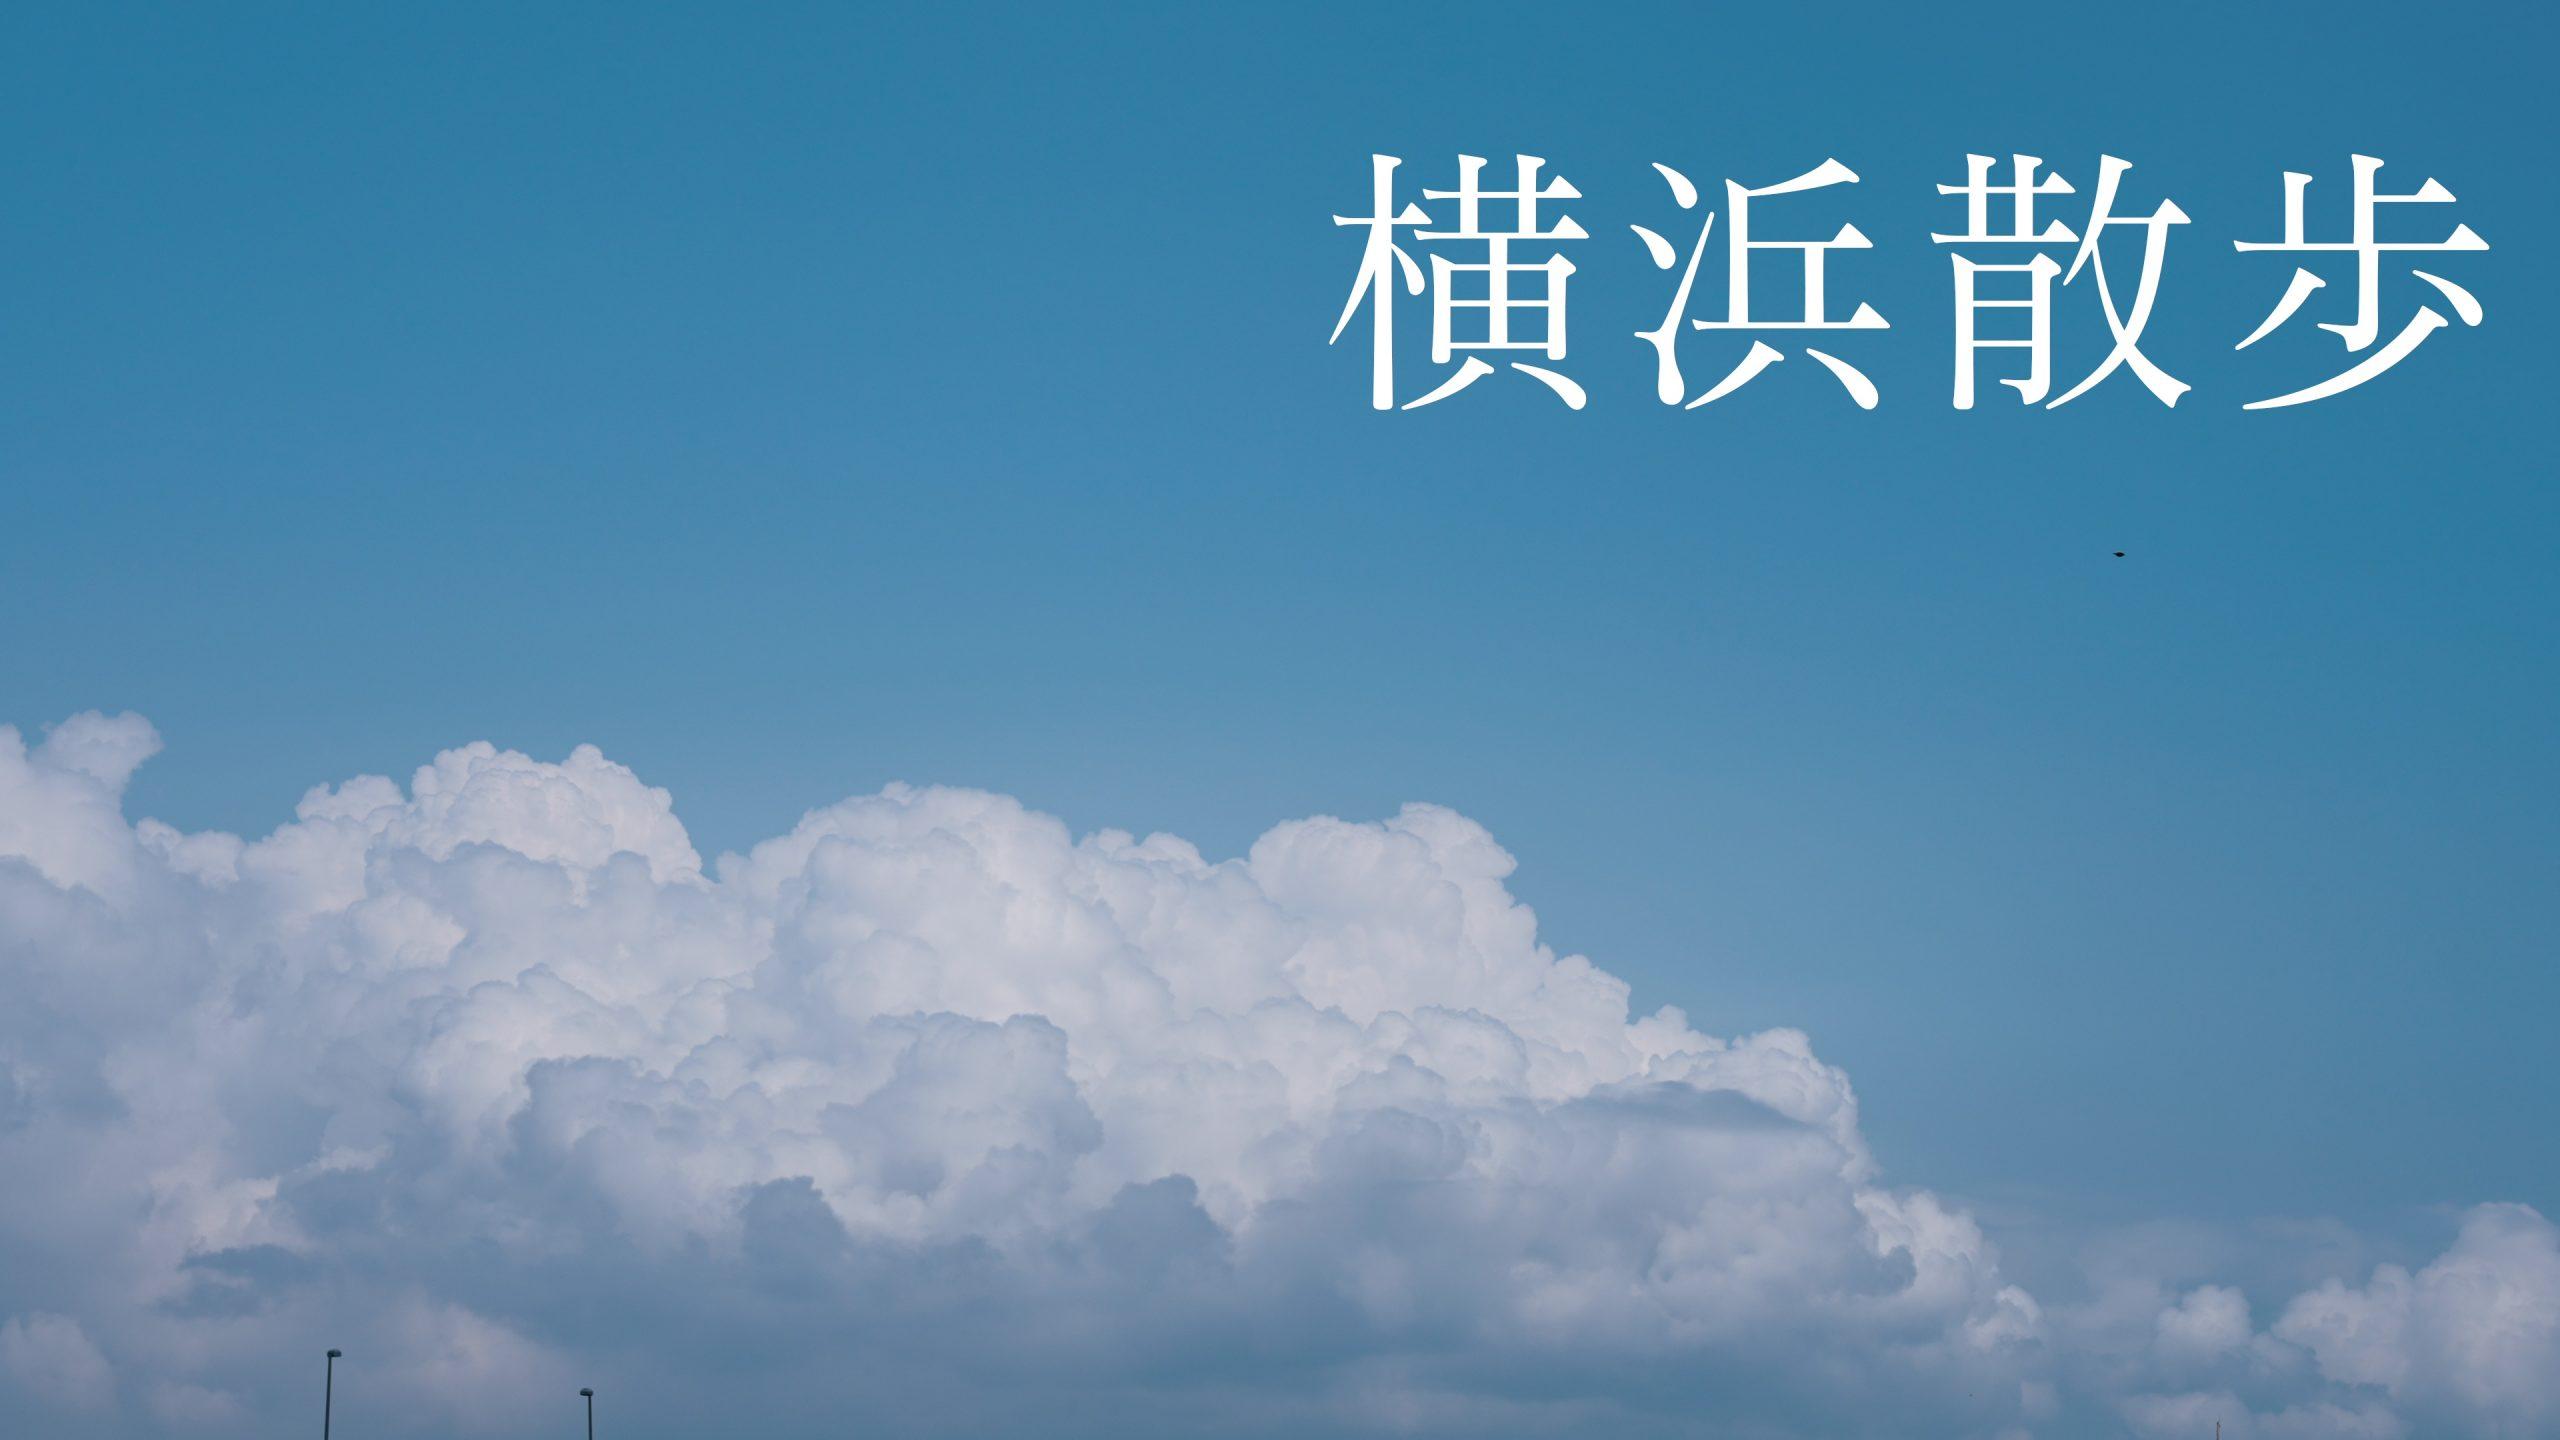 【SONY】FX3と横浜散歩